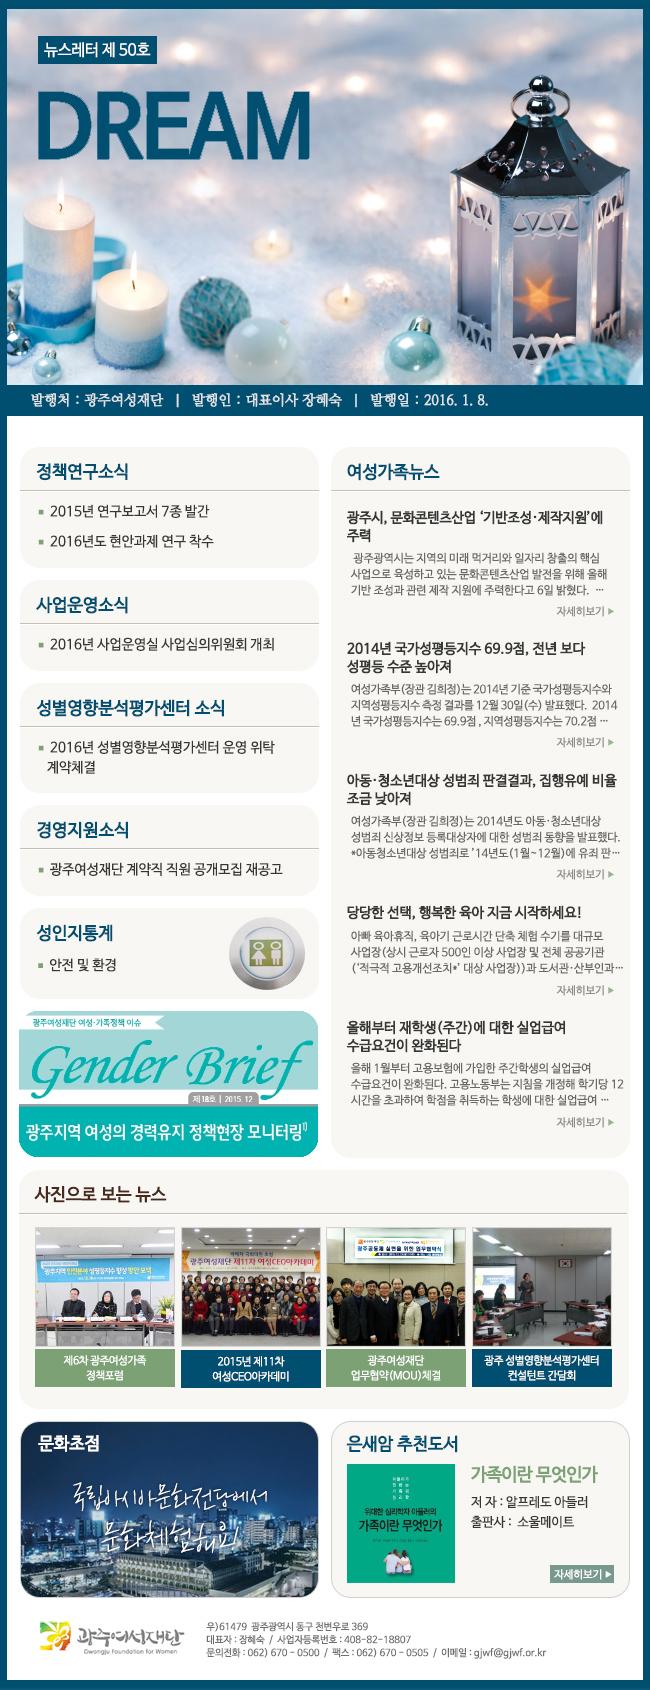 뉴스레터 드림 50호(16.1월) 썸네일